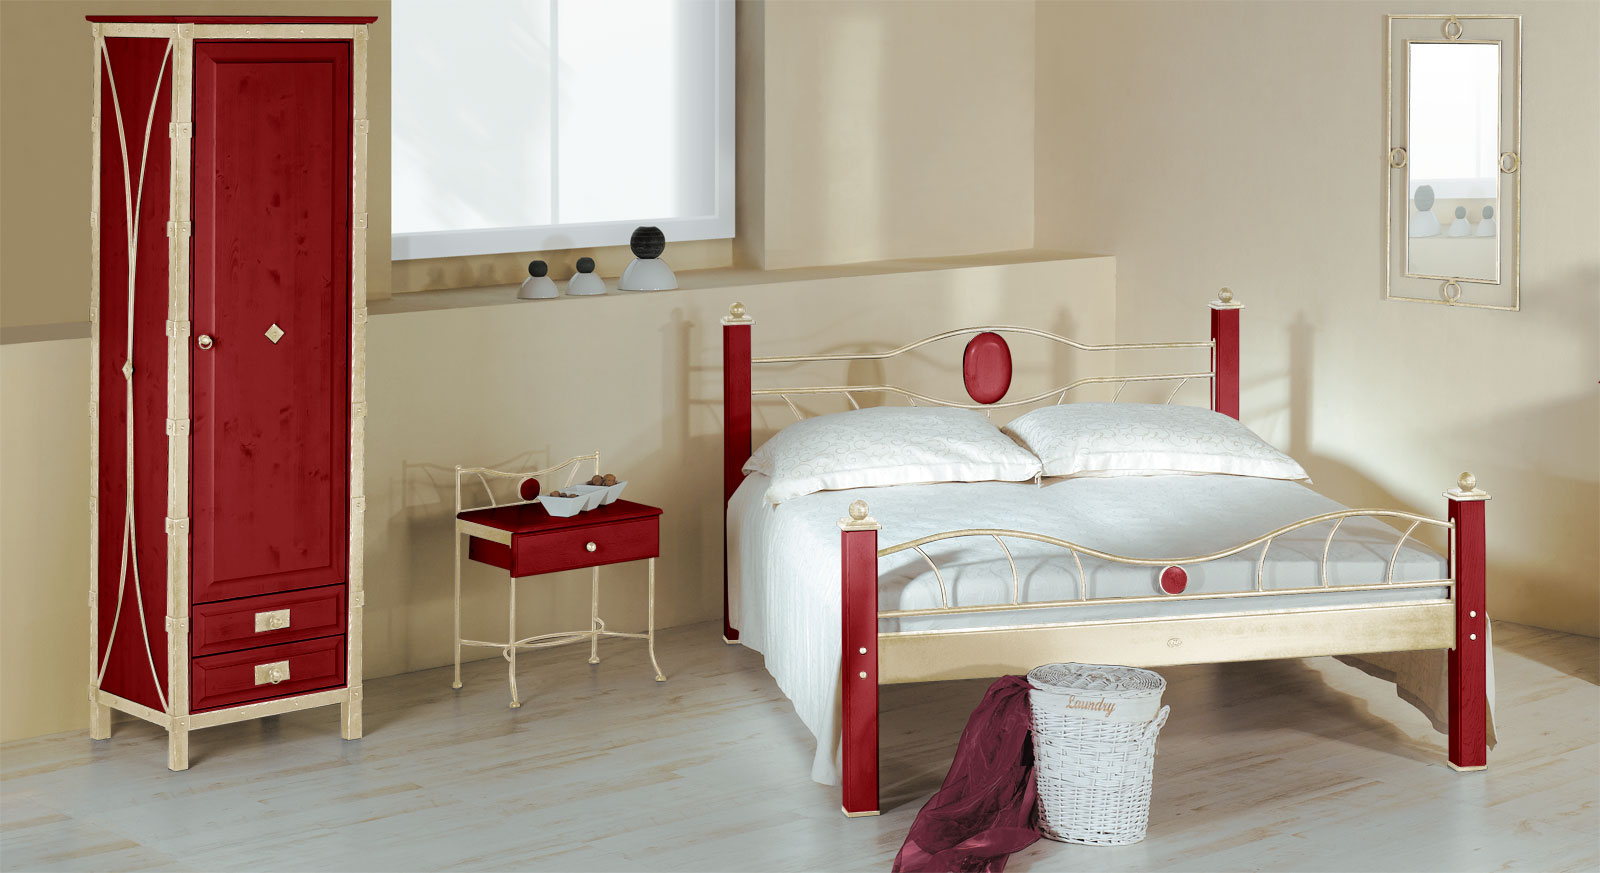 Eintüriger Drehtüren-Kleiderschrank Lavia in Rot und Creme-Gold